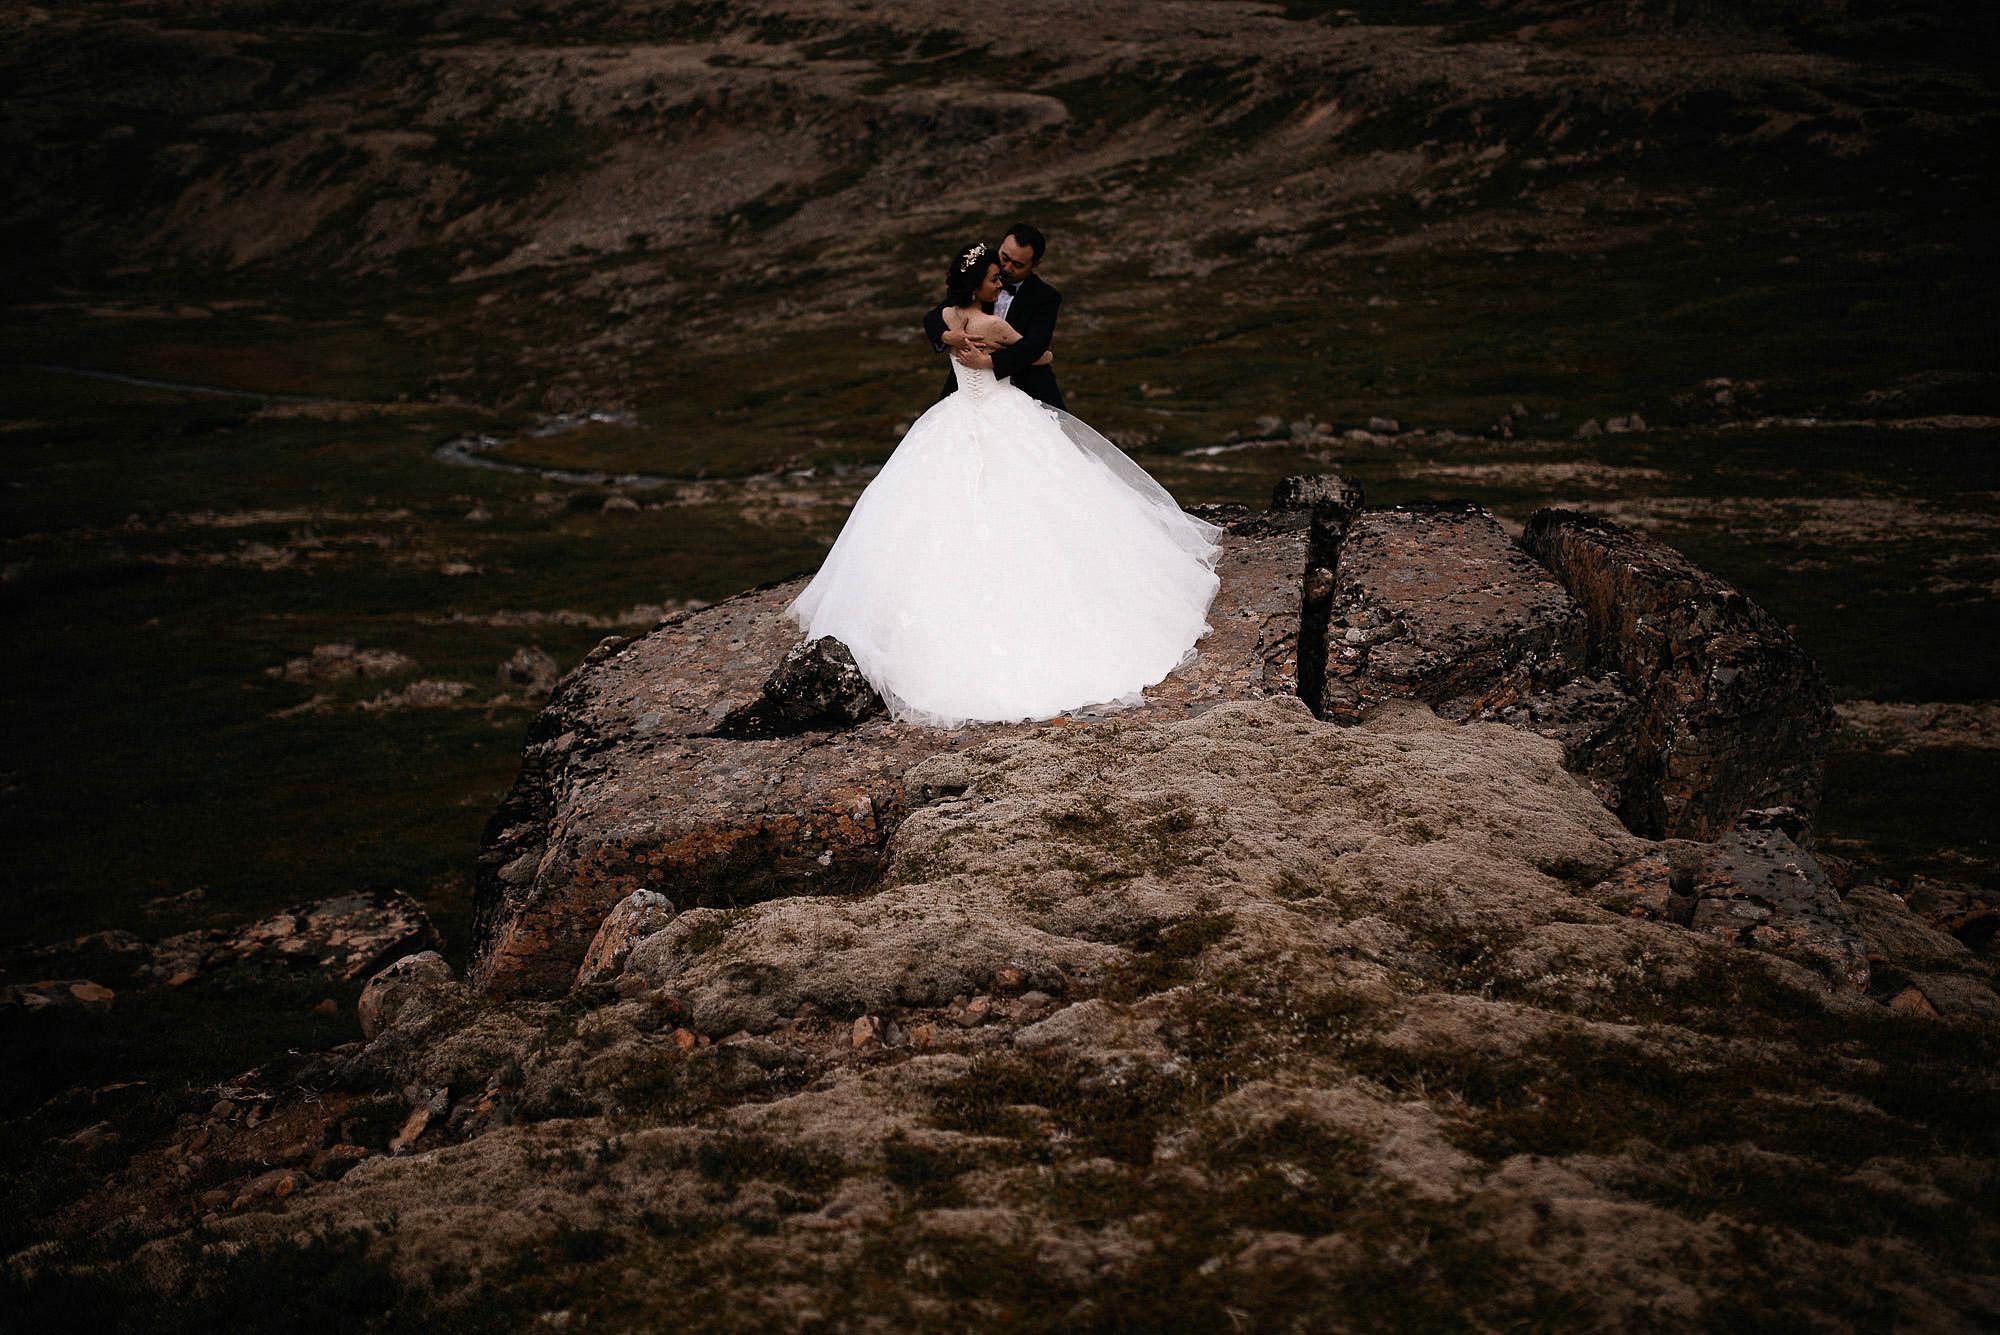 iceland-wedding-photographer_jere-satamo_photography-reykjavik-040.jpg